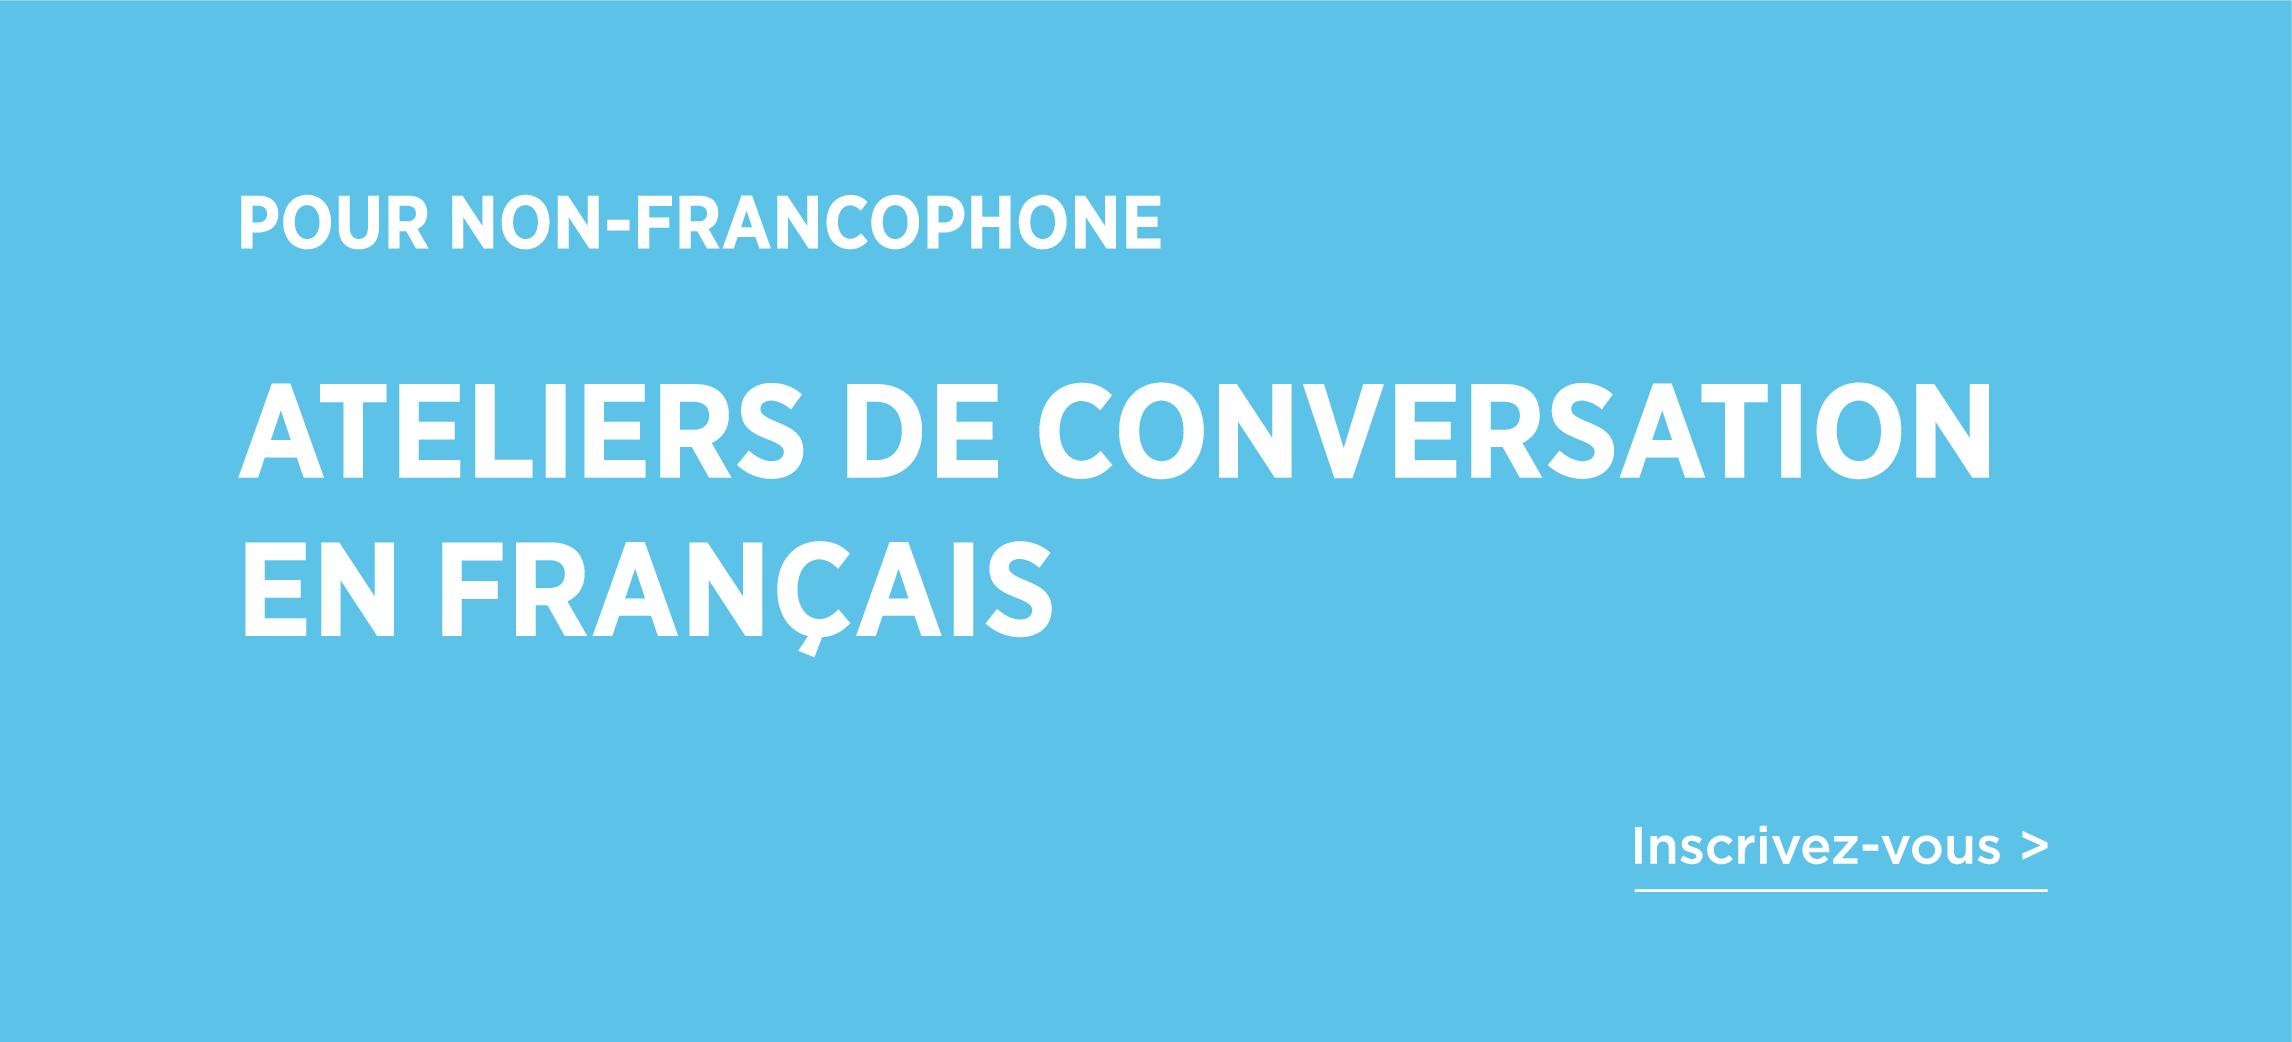 Bandeau - Ateliers de conversation en français pour non-francophones